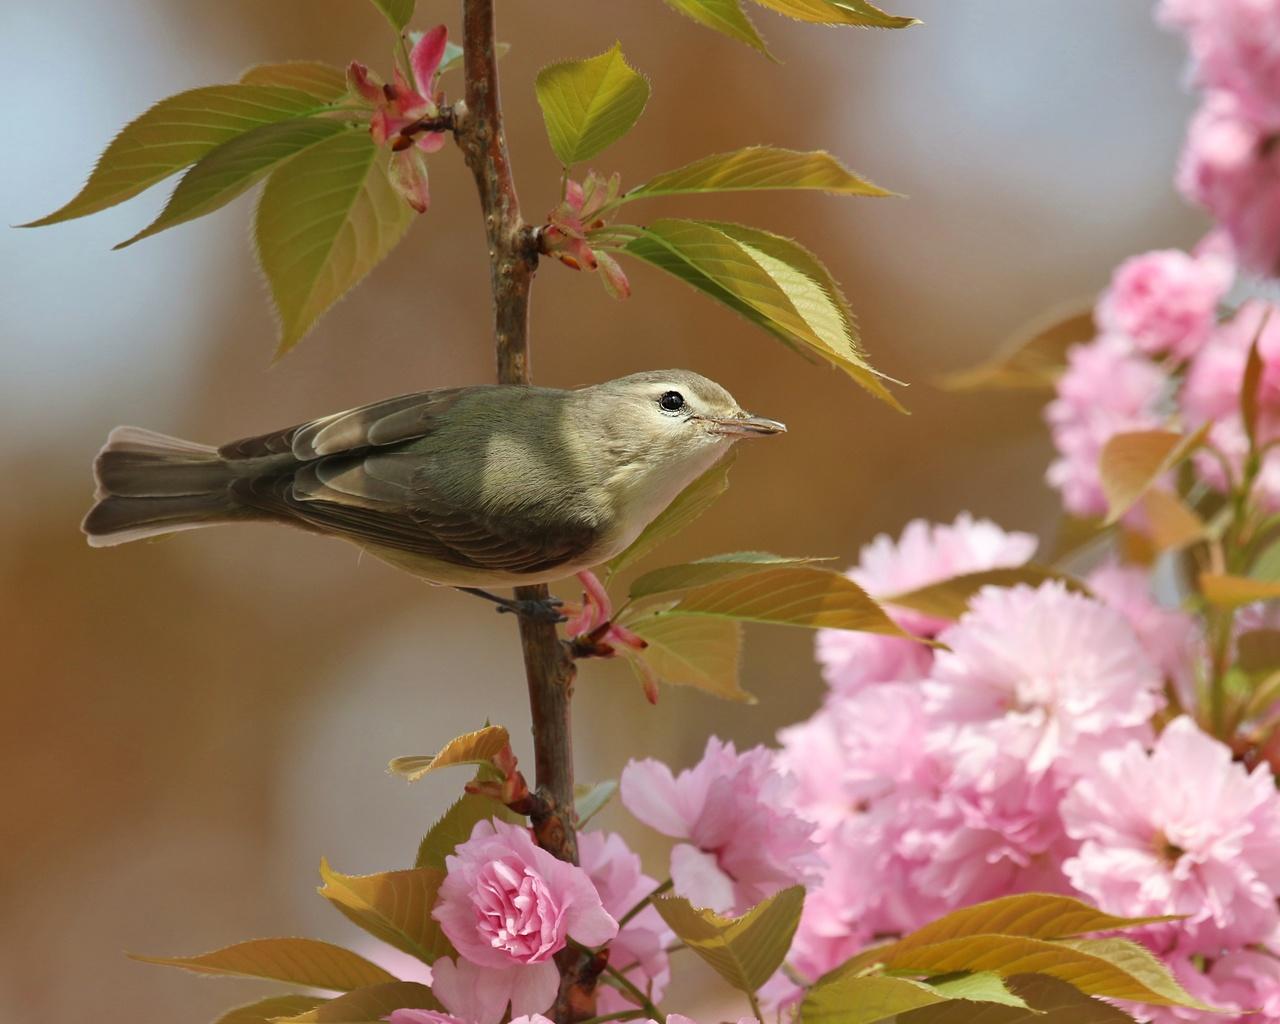 птица, ветки, листья, цветы, сакура, природа, весна, цветение